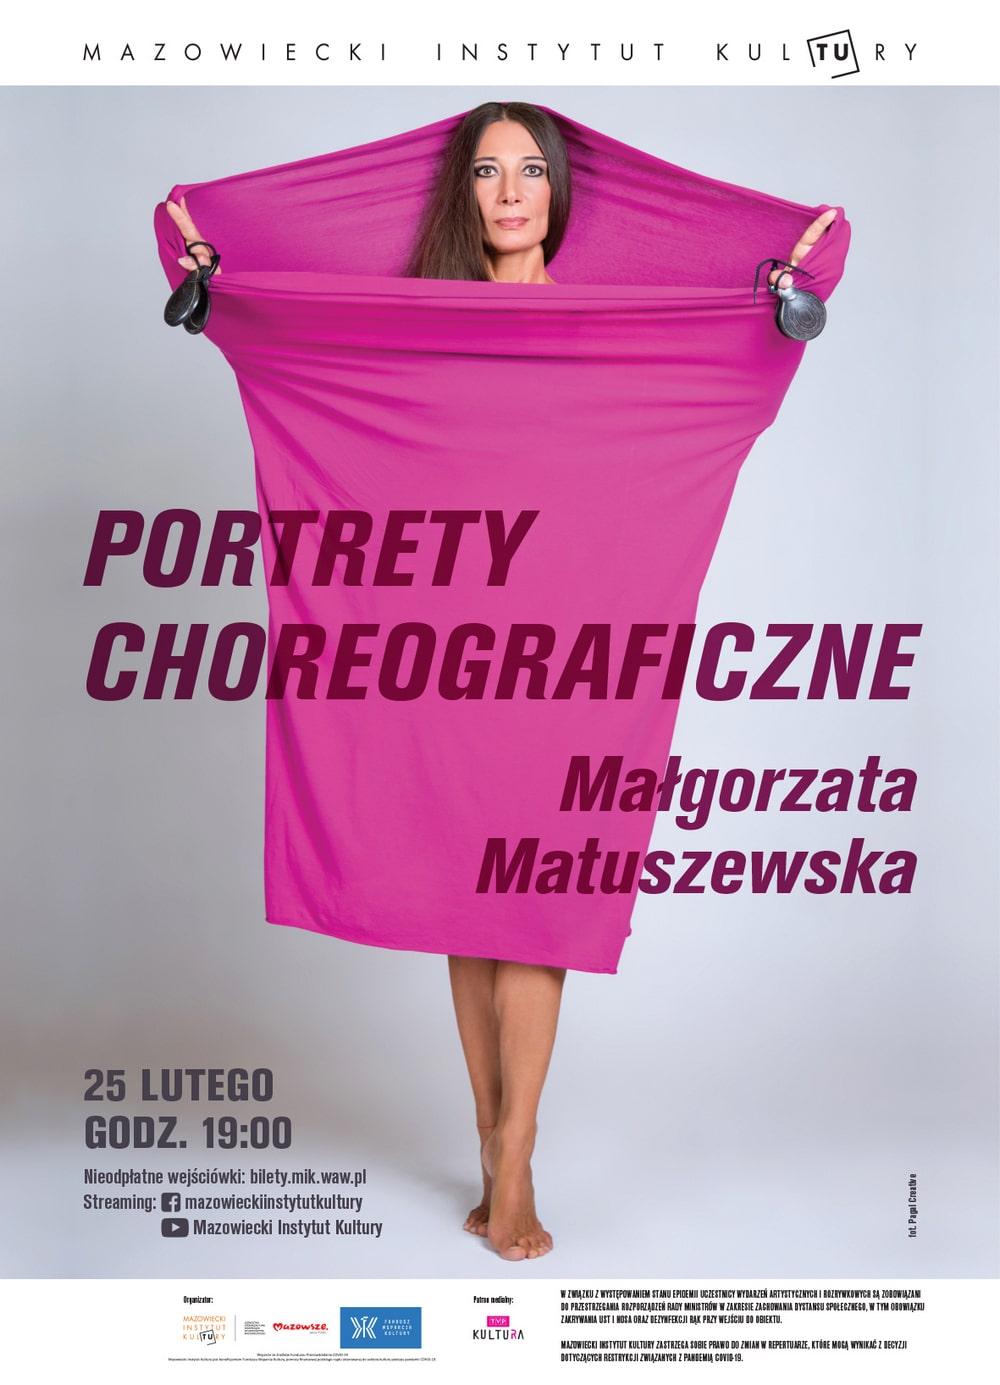 Plakat: na zdjęciu Małgorzata Matuszewska, stoi owinięta w fioletową tkaninę